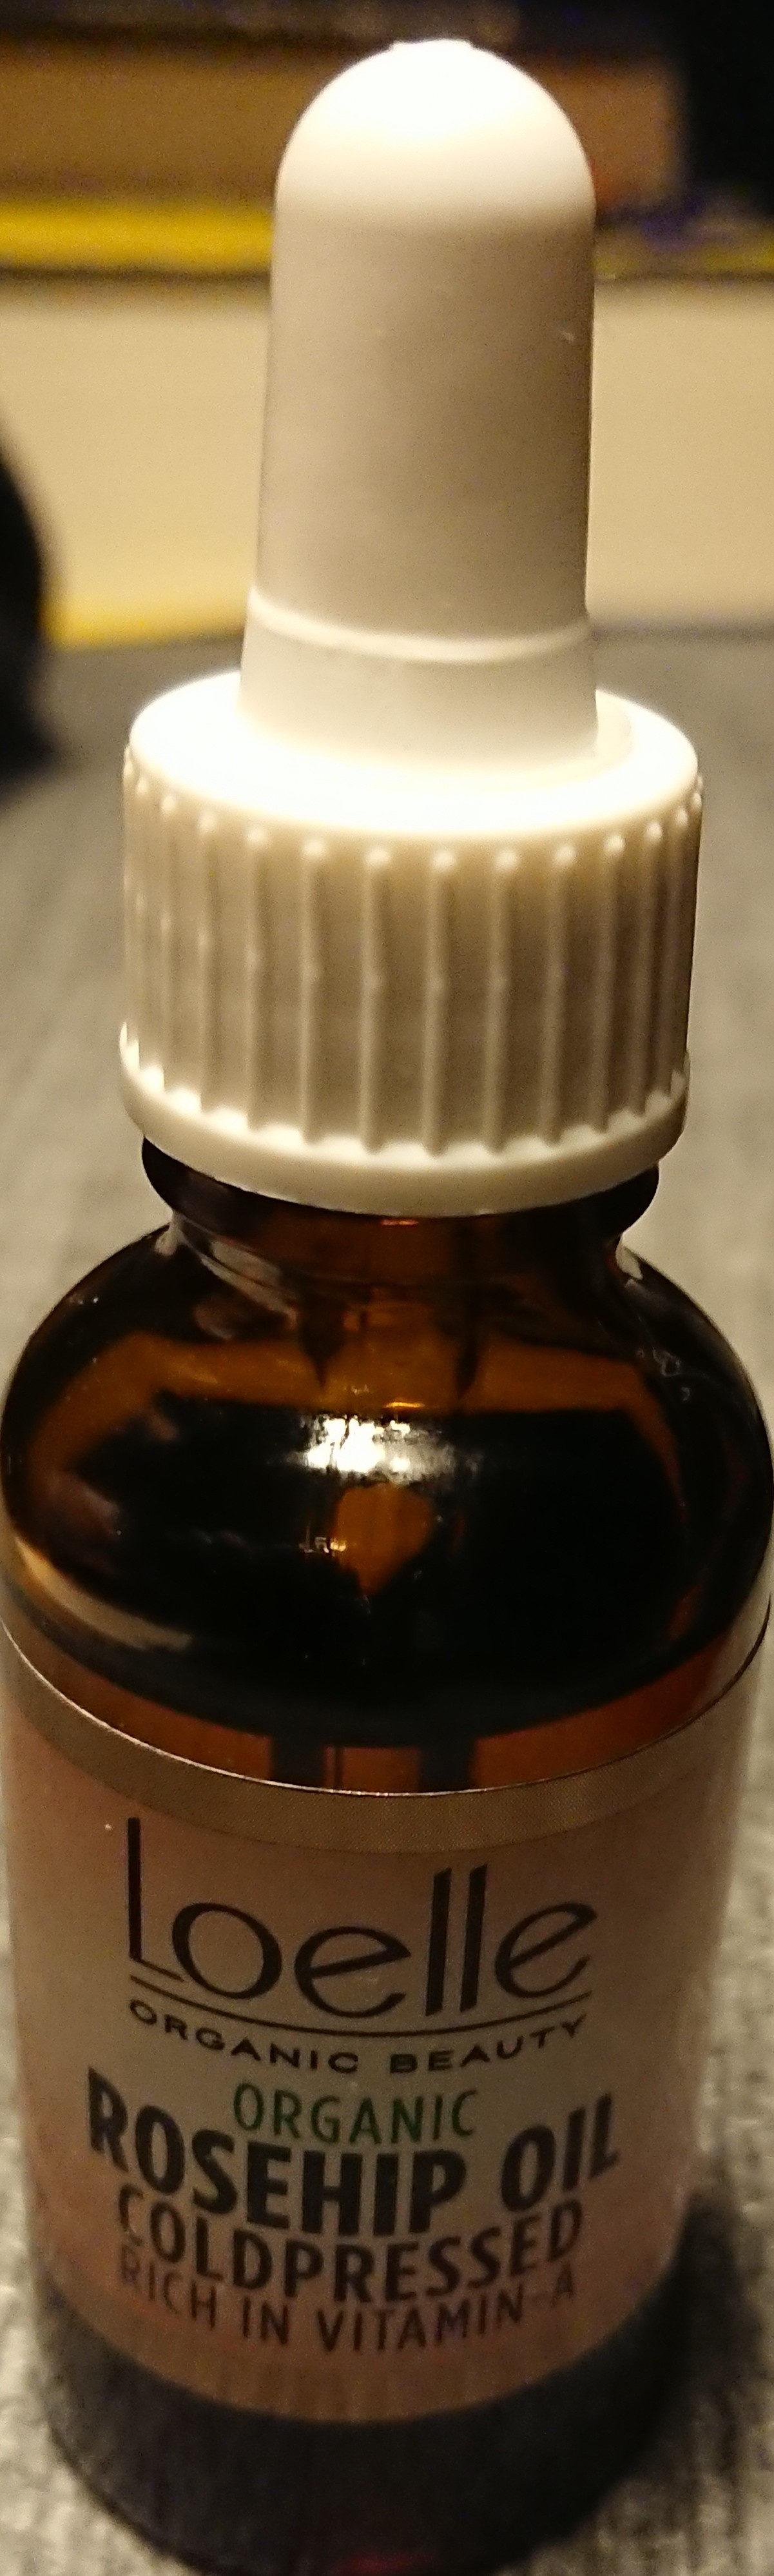 Rosehip oil - Product - en